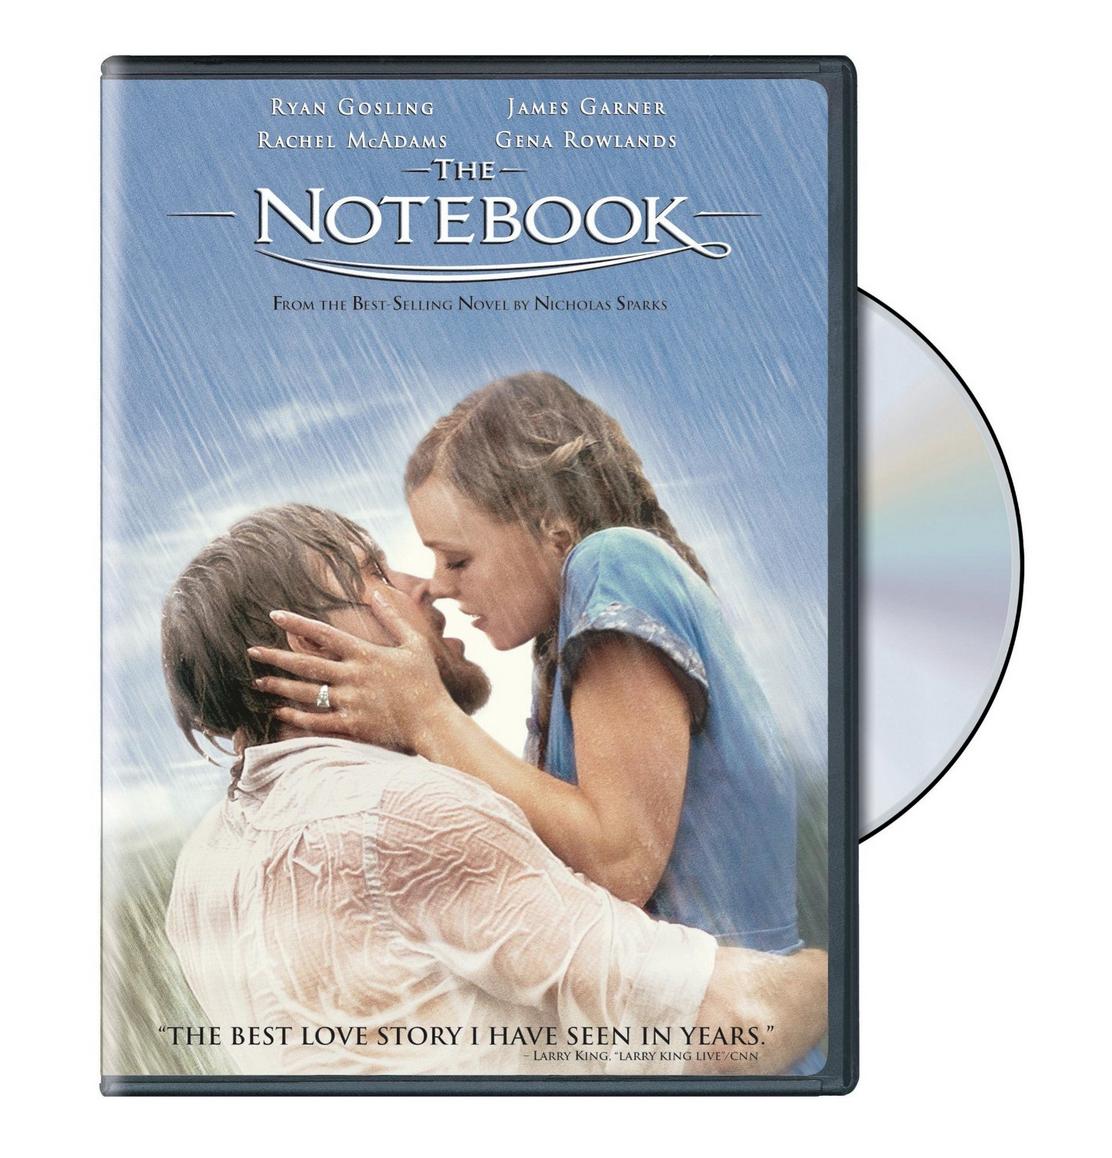 The Notebook DVD Only $4.99 (Reg. $9.97!)